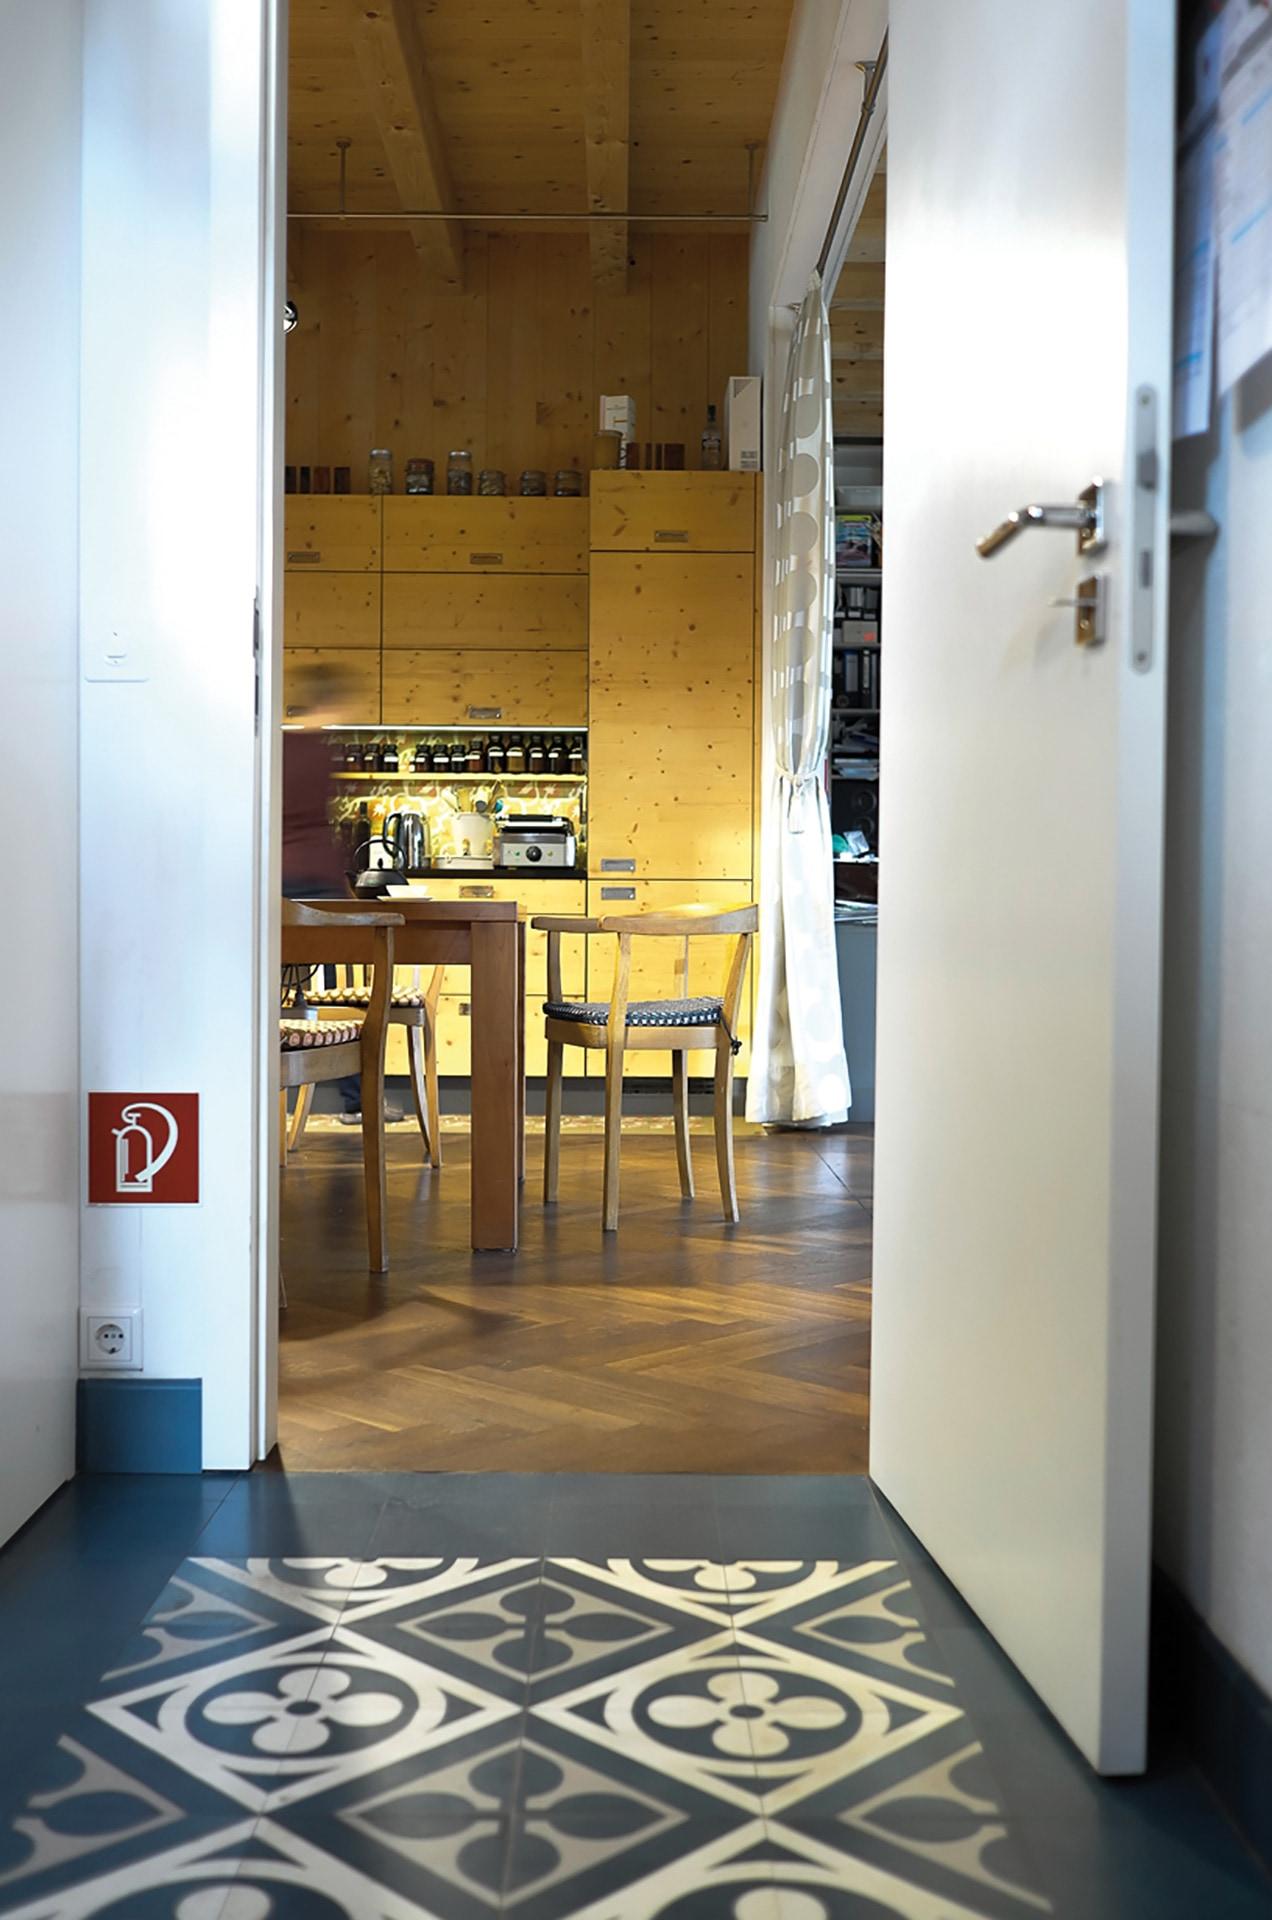 VIA Zementfliese N° 13143 blaues Muster im Durchgang zur Küche